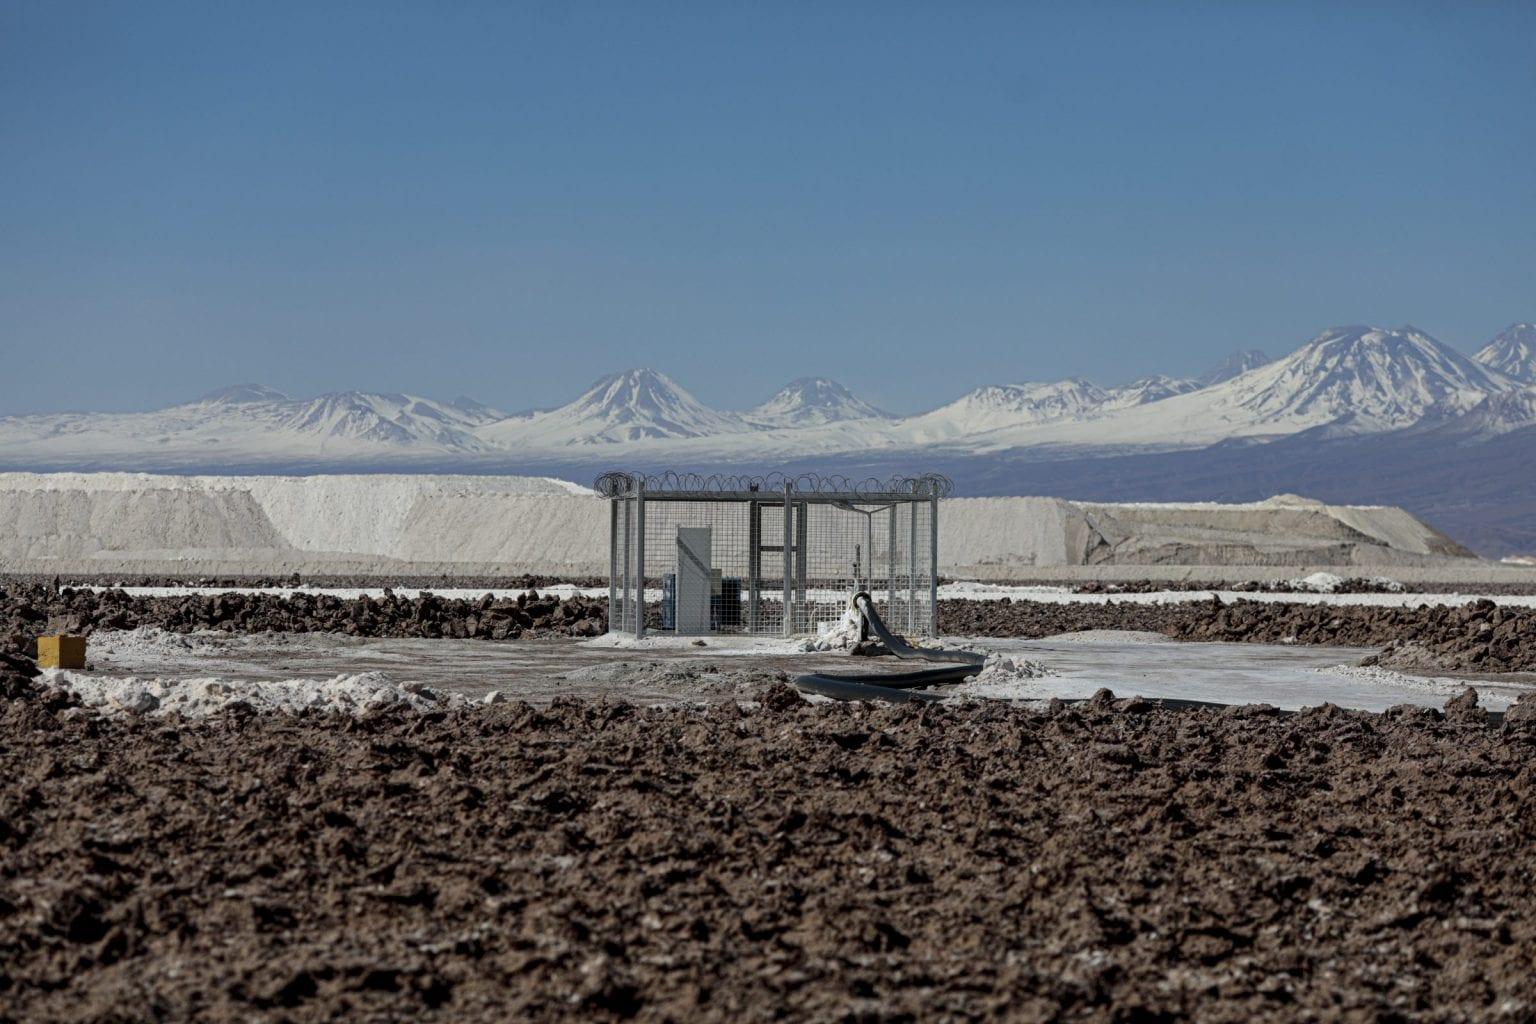 Pumpe der suger saltlage op fra Atacamas undergrund. SQM og Albemarle har tilsammen licens til at pumpe omkring 2000 liter saltvand op i sekundet.